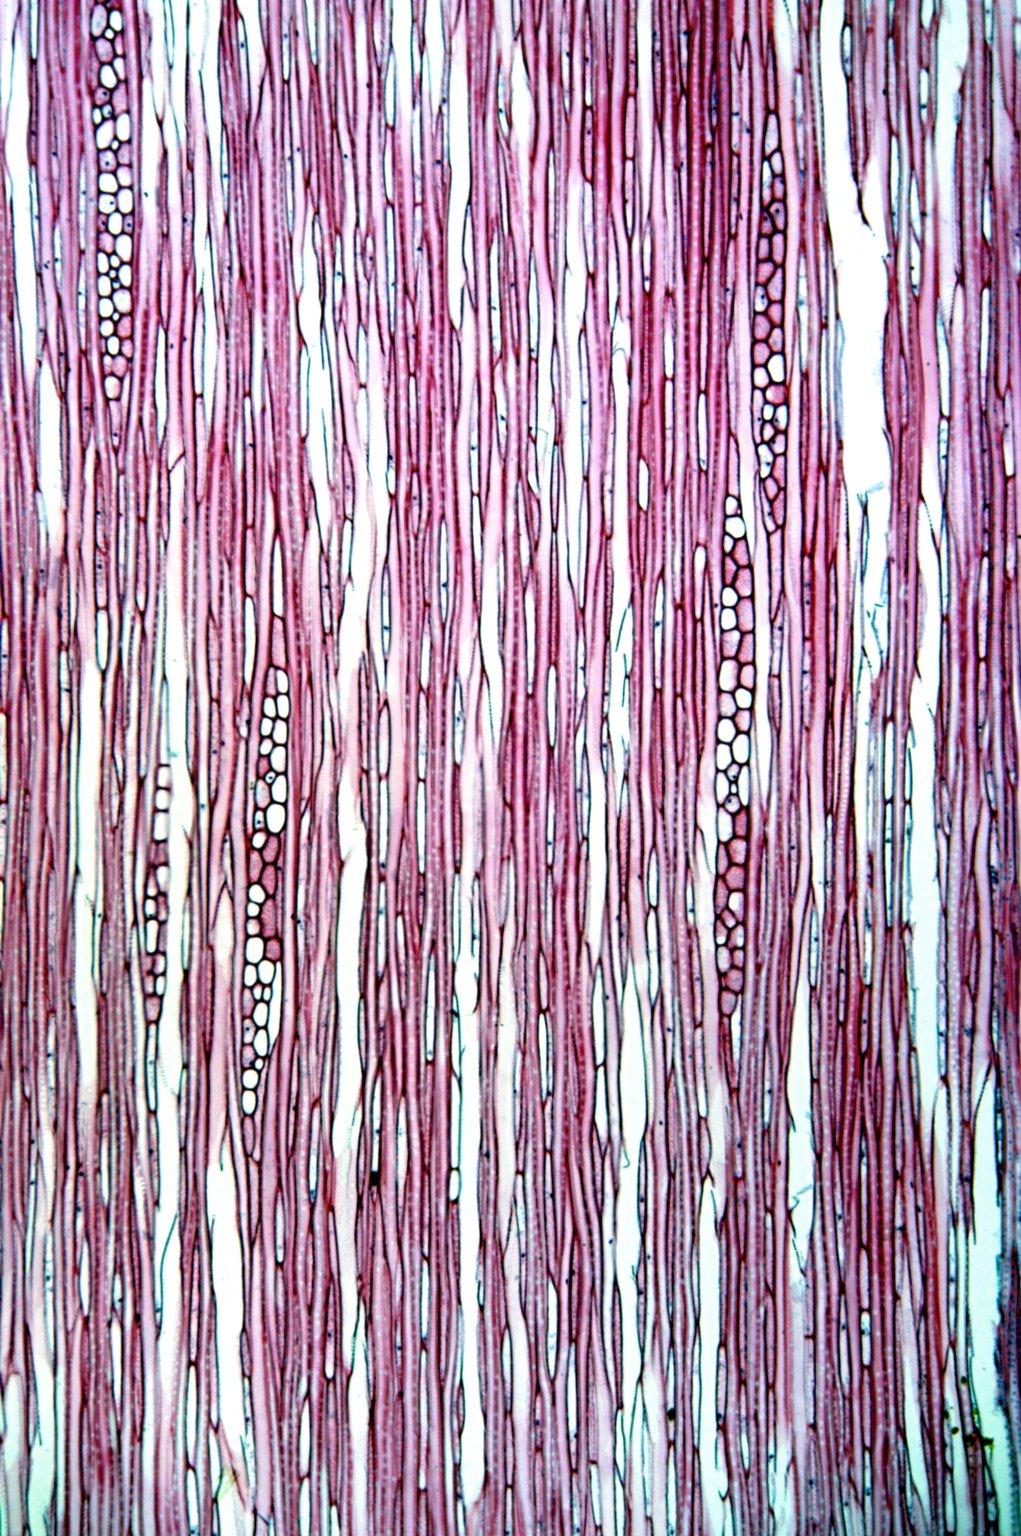 ERICACEAE Vaccinium hirtum pubescens